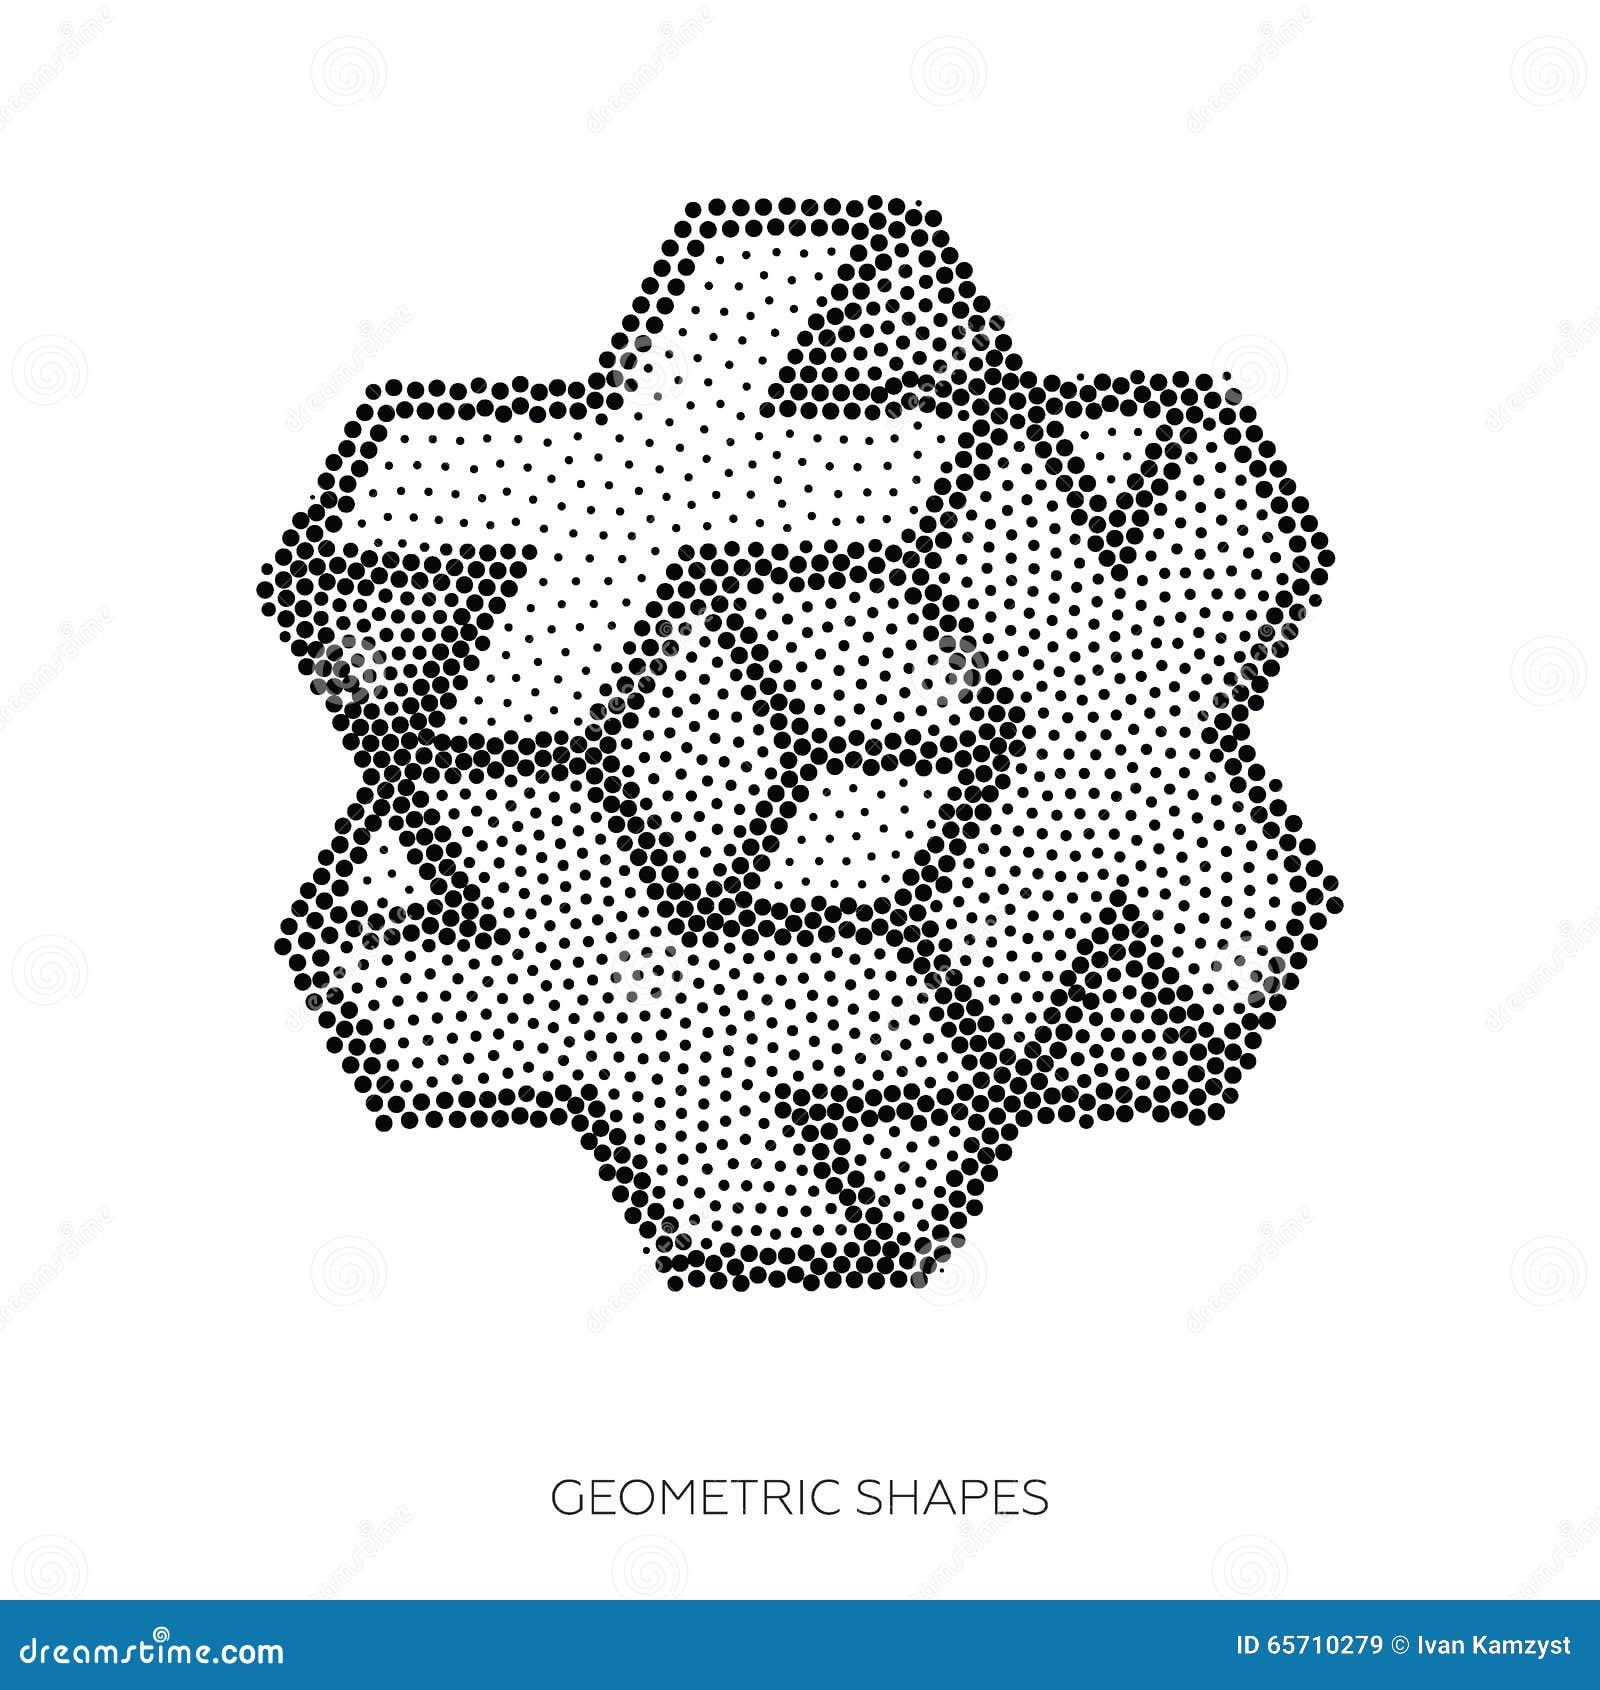 点�f��$y���c%�/(9j�_从点收集的三维几何图